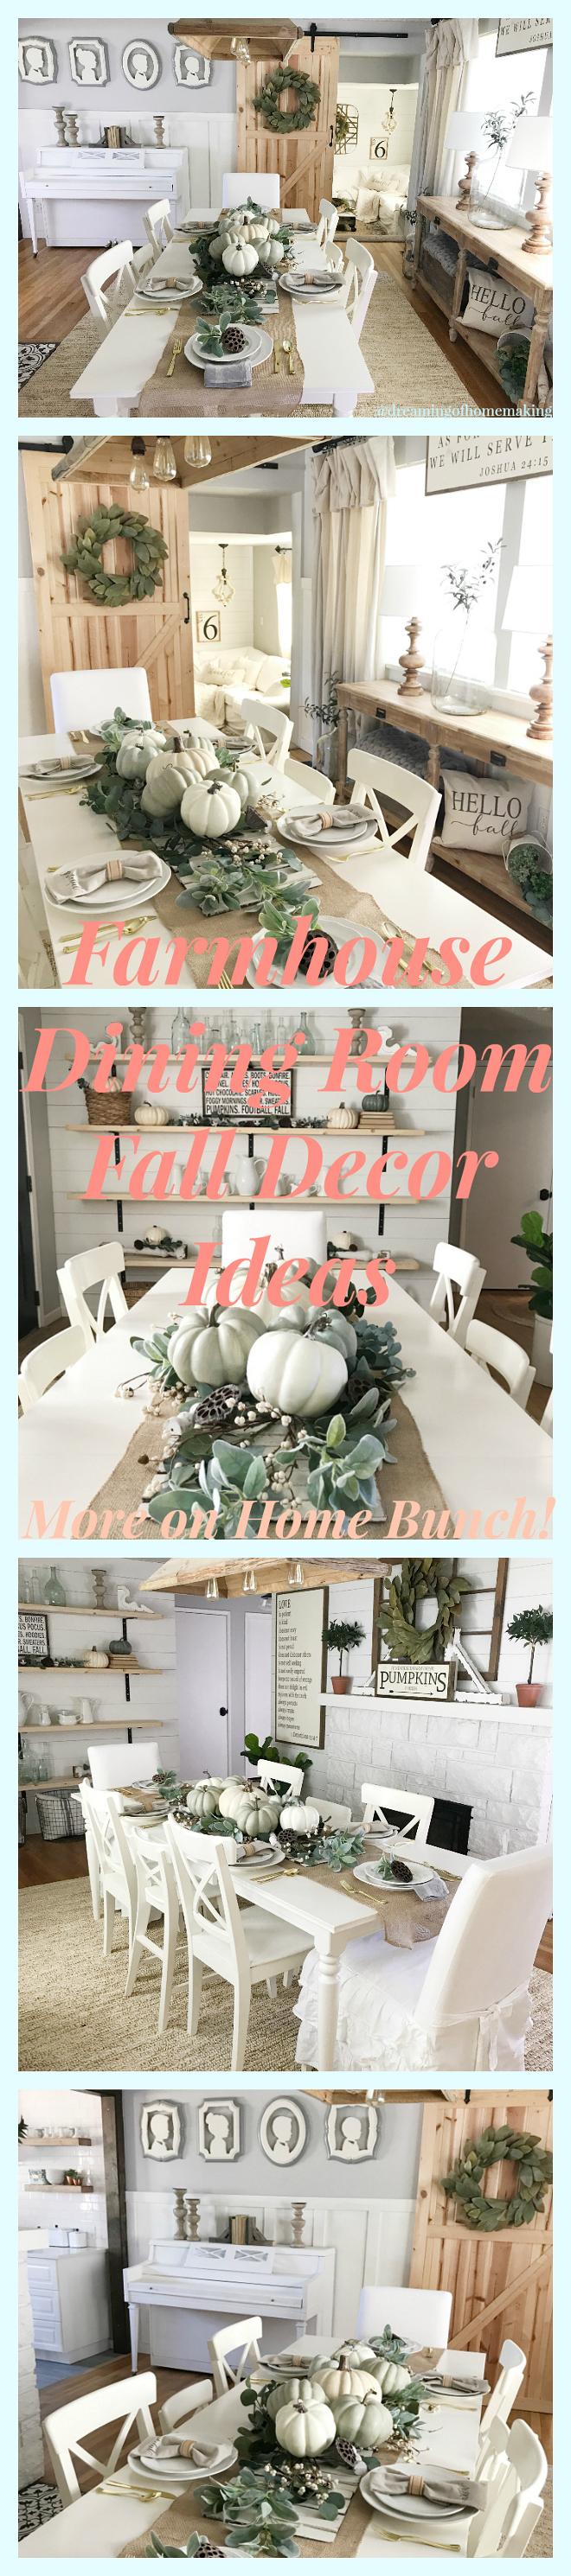 Farmhouse Dining room Fall decor ideas. Farmhouse Dining room Fall decor. Farmhouse Fall decor #FarmhouseFalldecor #Farmhouse #Falldecor #fall Home Bunch